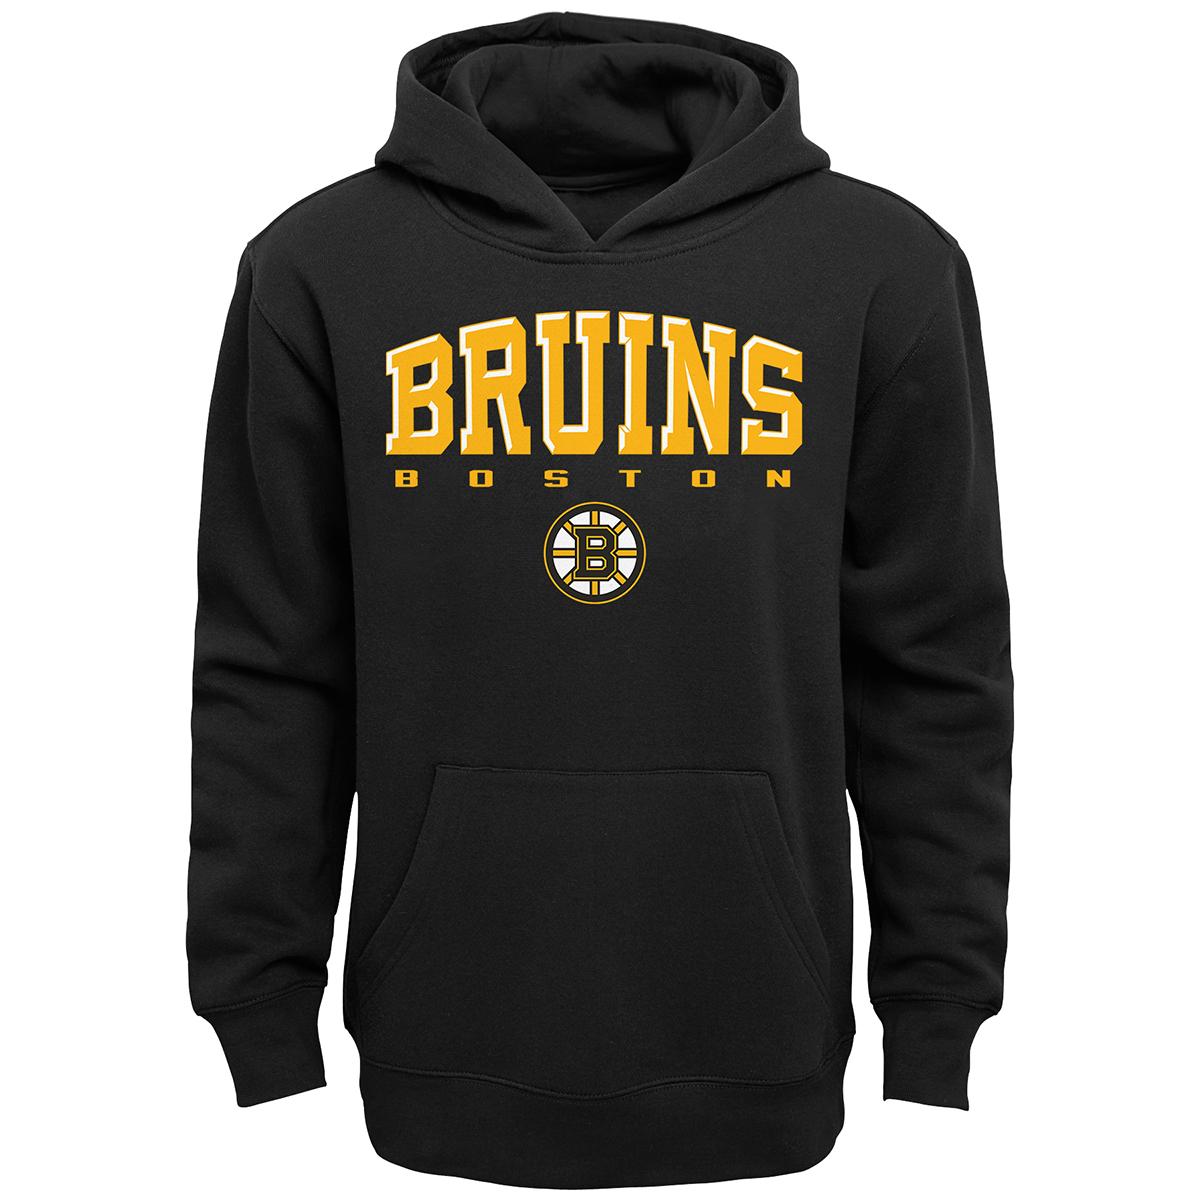 Boston Bruins Boys' Adapt Pullover Hoodie - Black, M